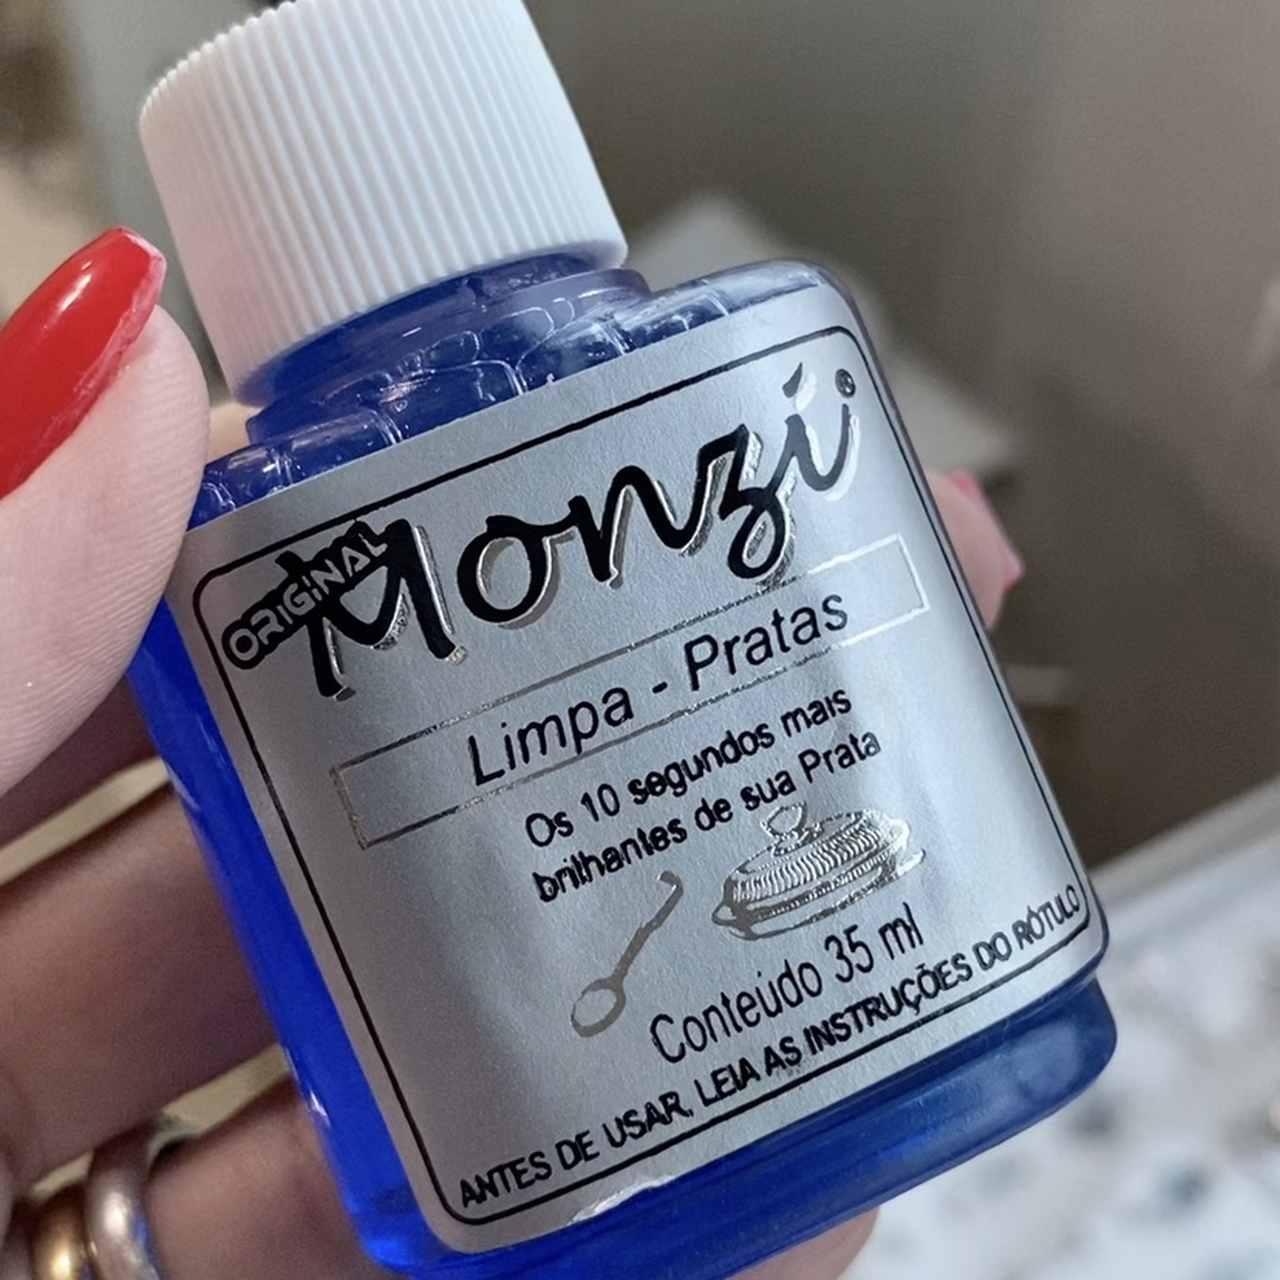 Limpa Prata Monzi 35 ml